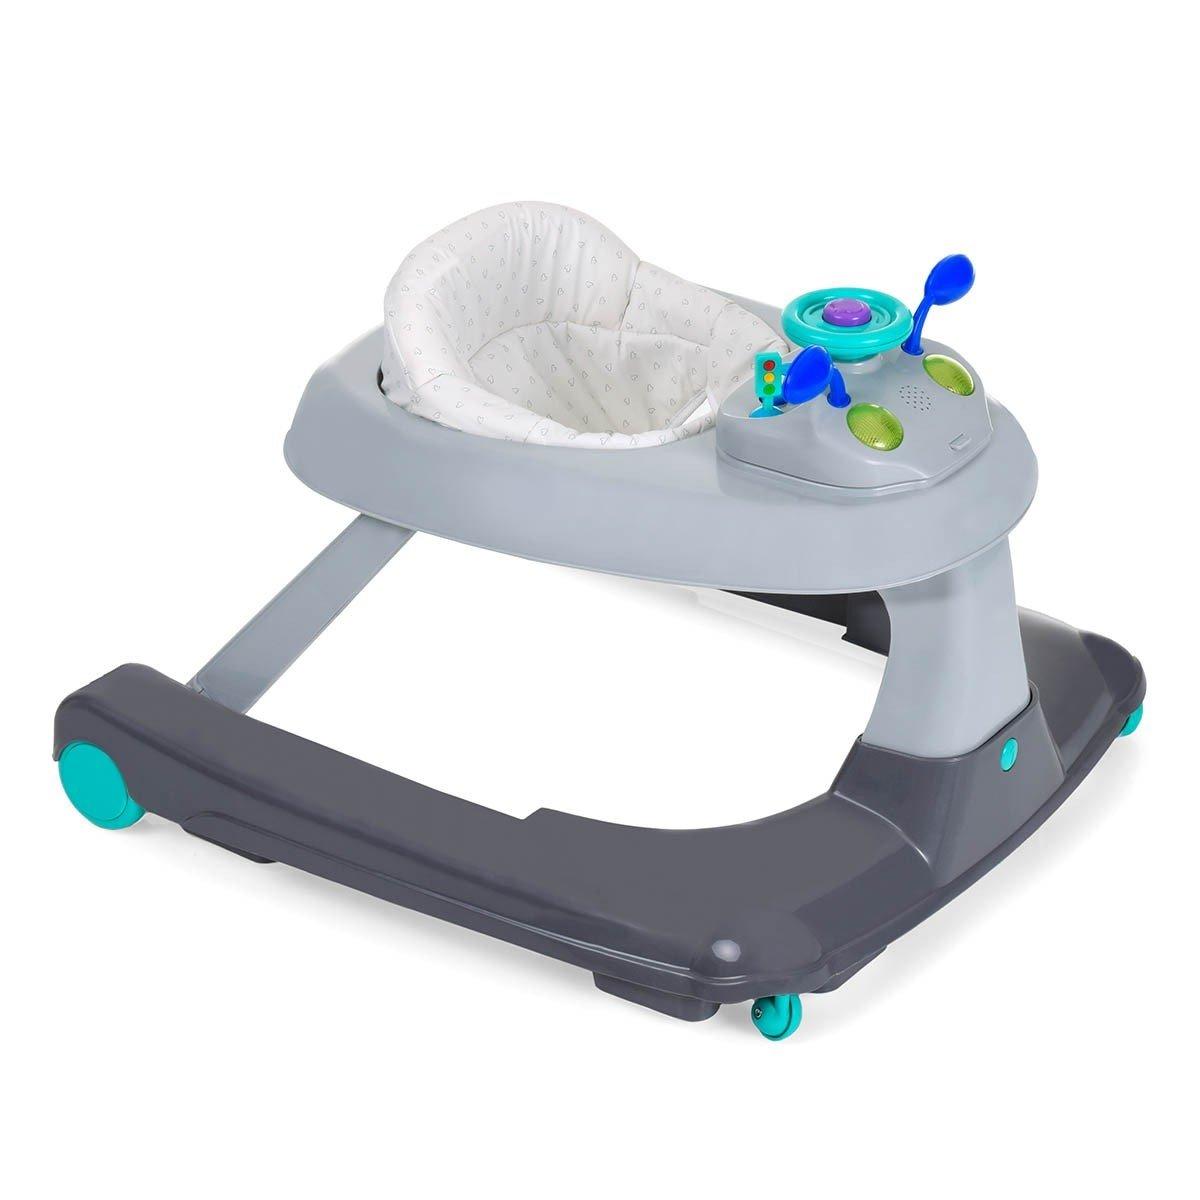 Hauck Ride On 123 Hearts - Andador para bebes 3 en 1, a partir de 6 meses, juego de mesas multifuncional con ruedas, altura ajustable, fácil montaje, diseño colorido H-64305-EN-000-C02